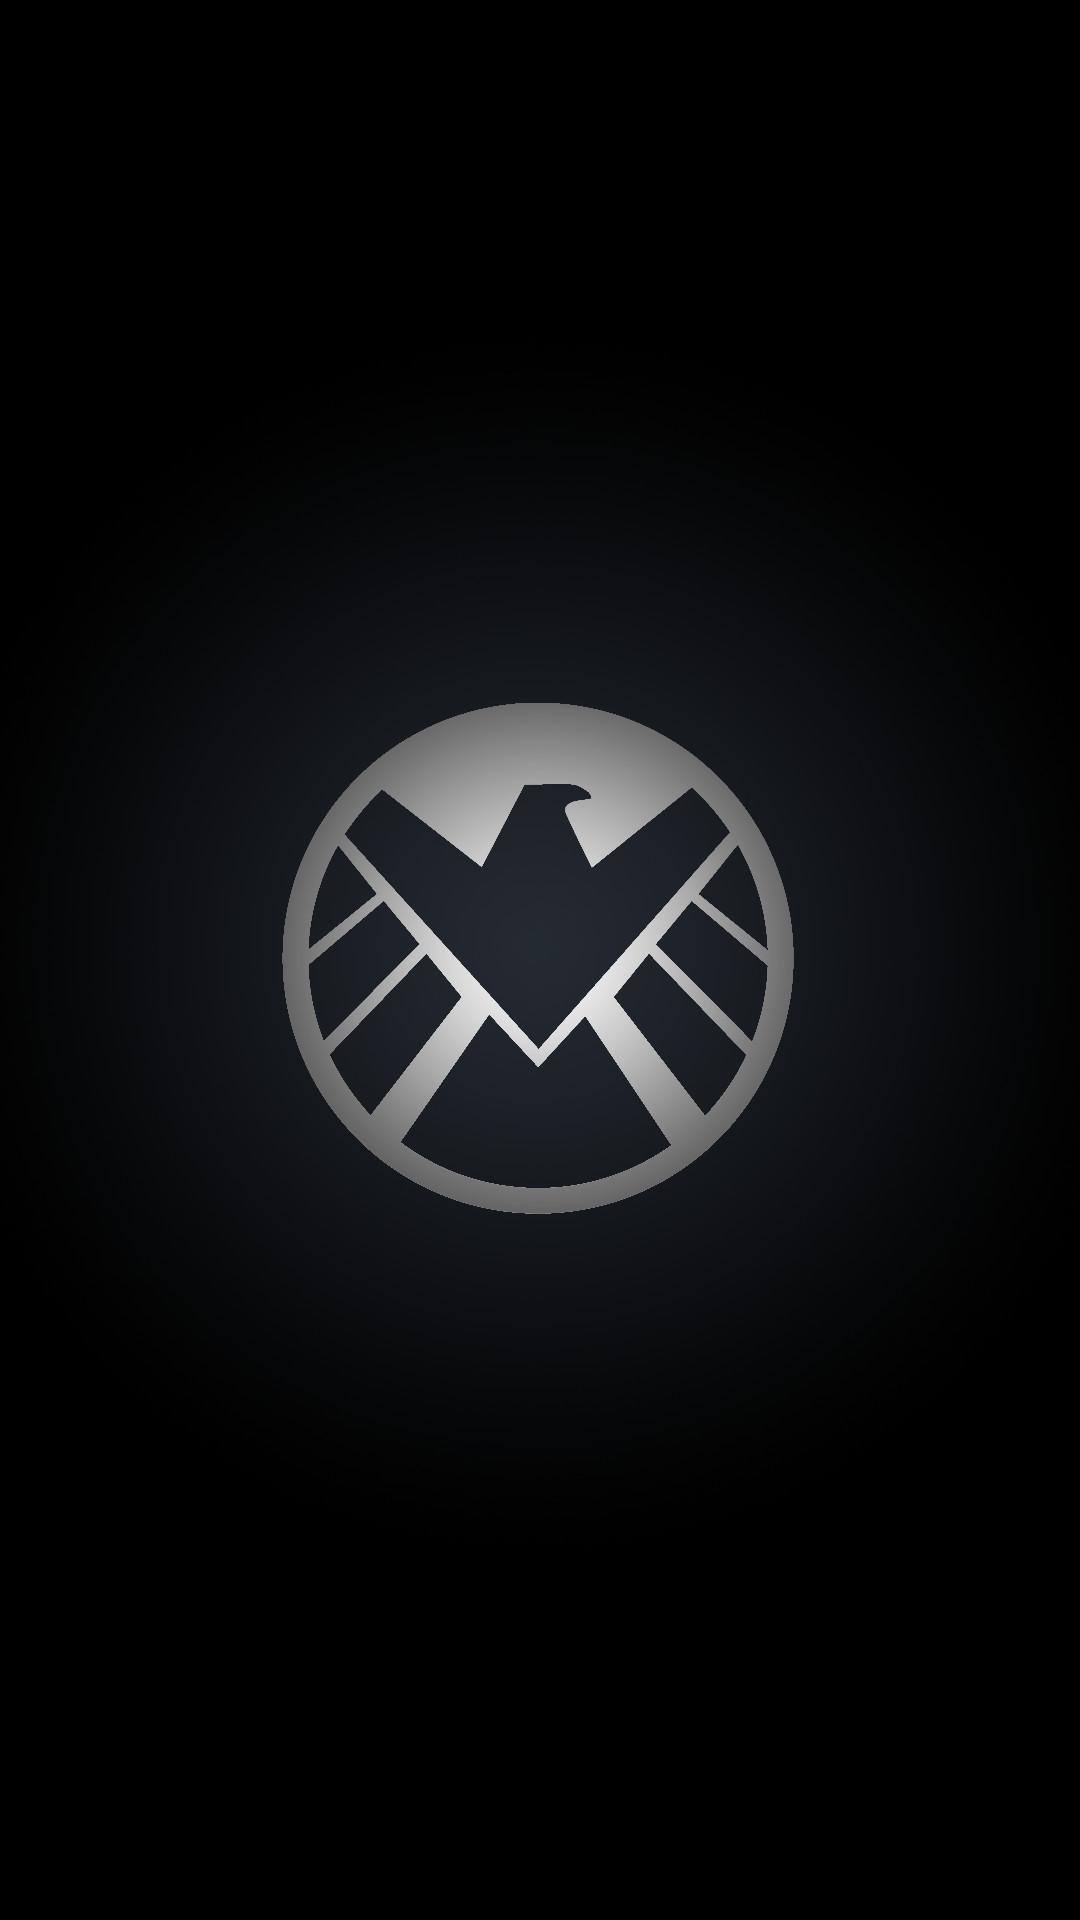 Shield Marvel